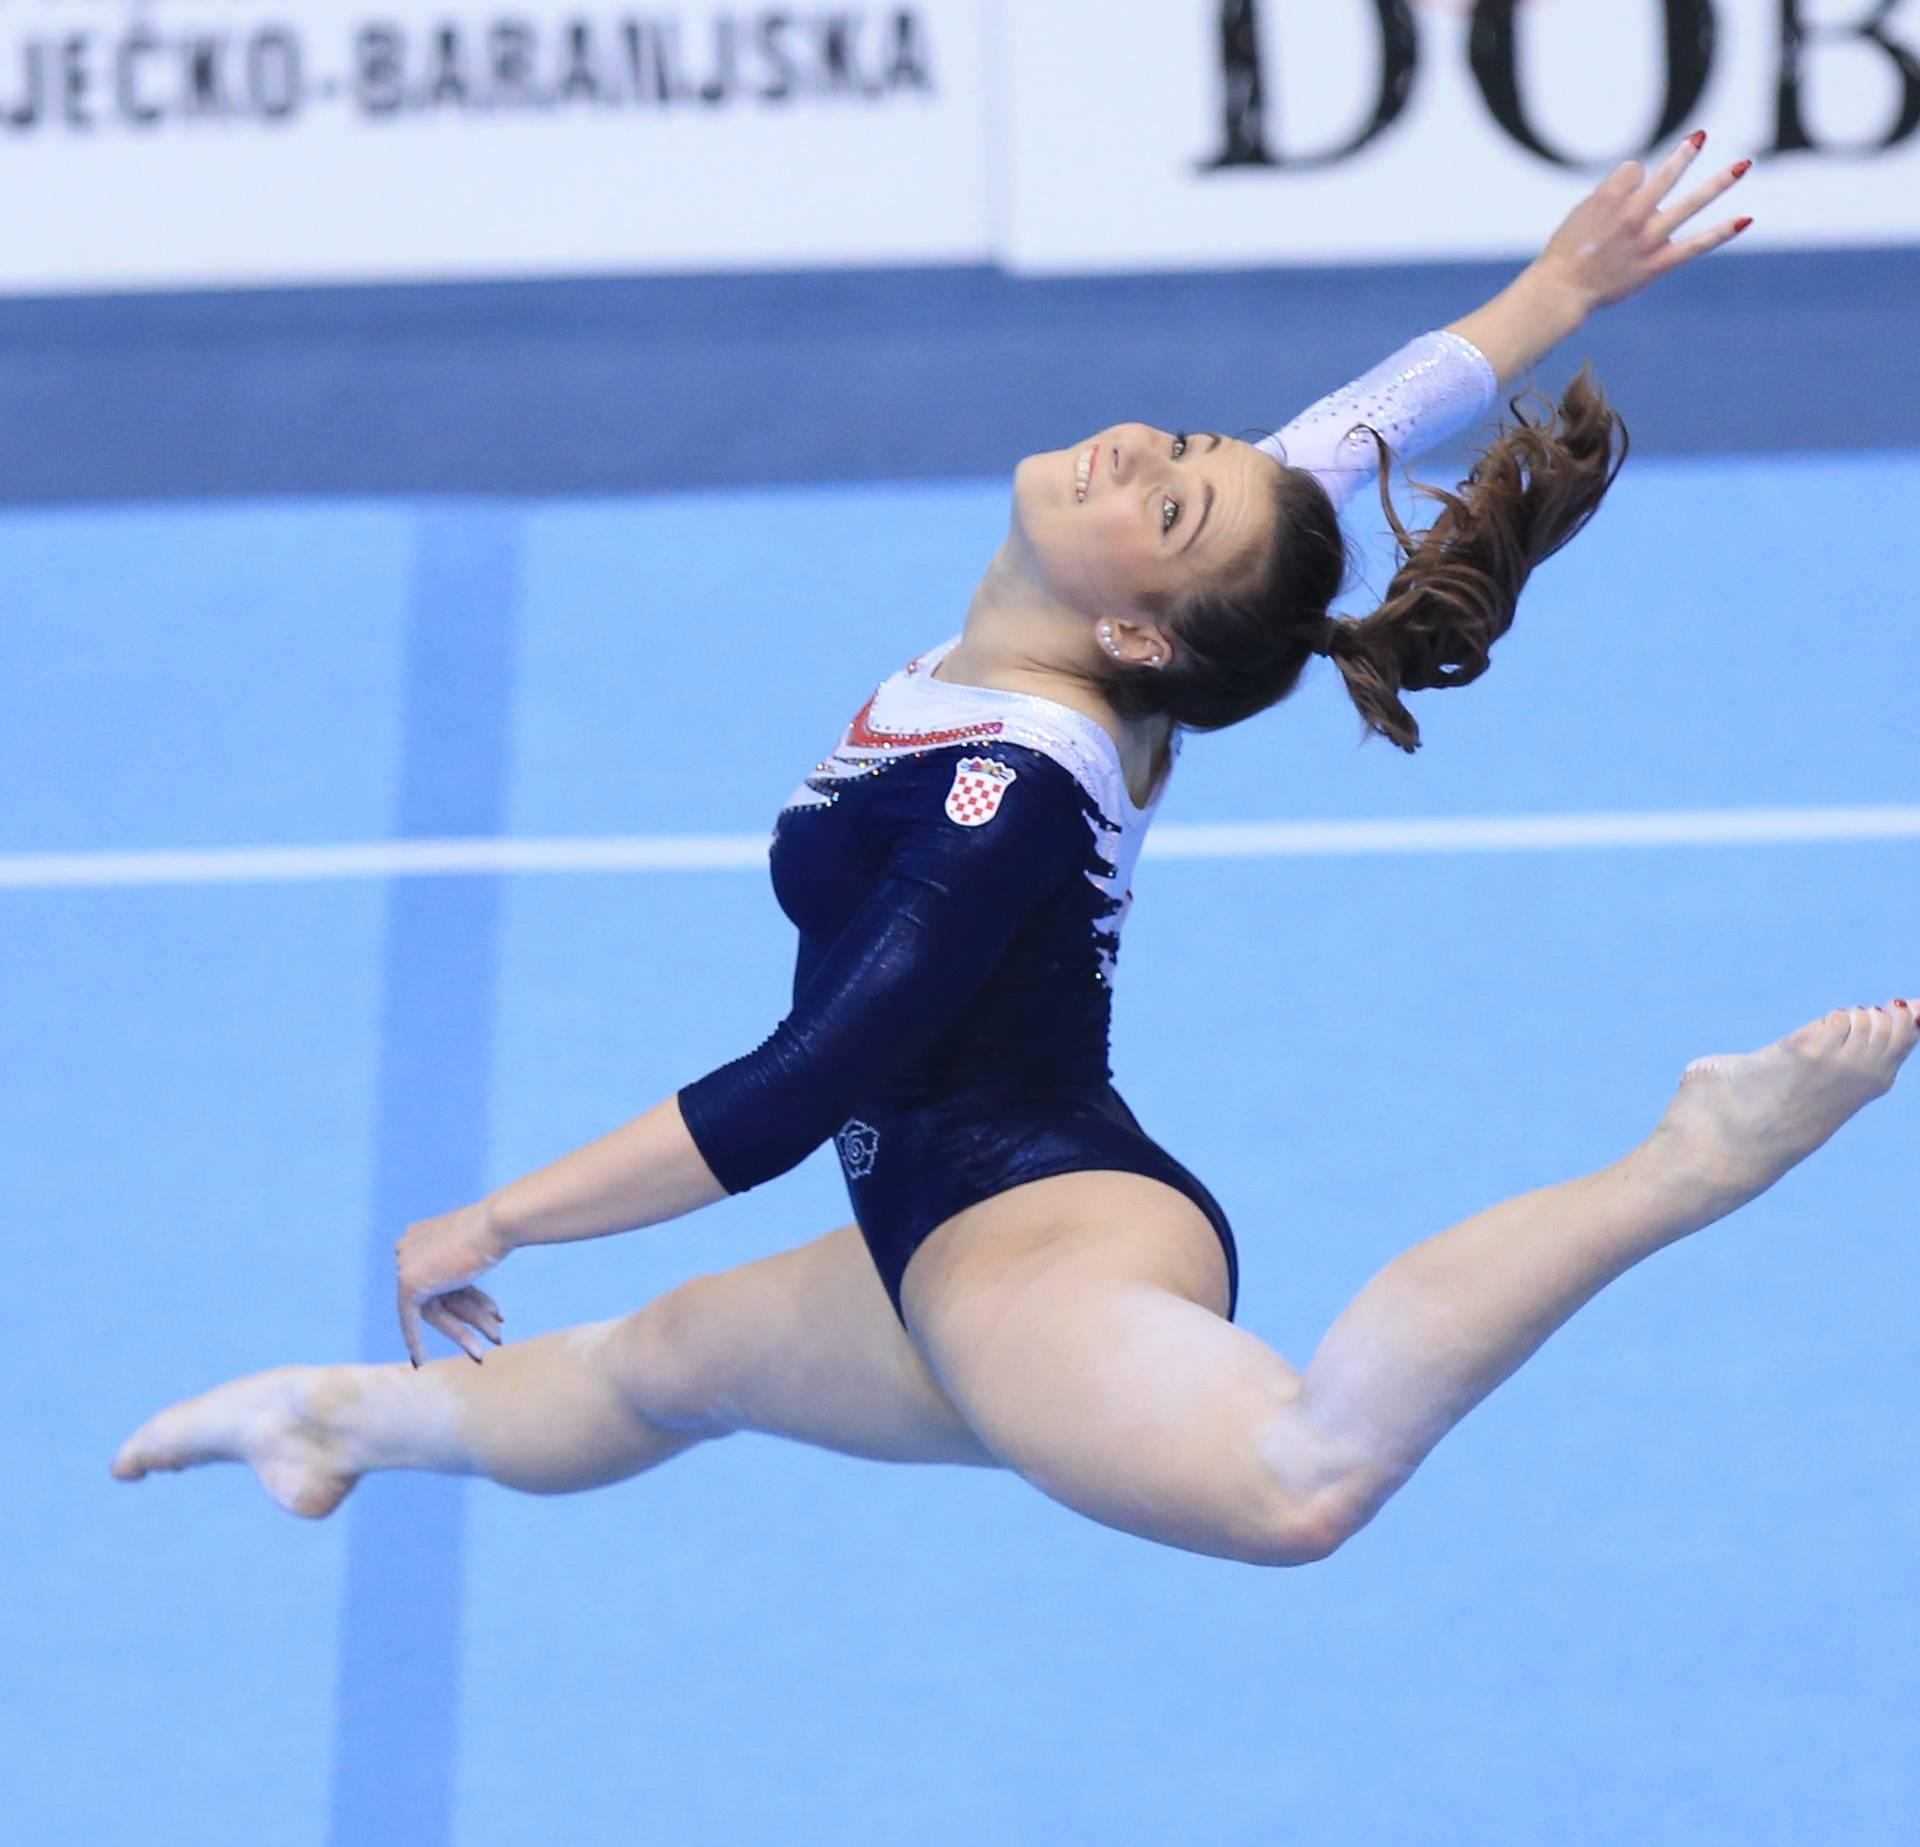 Đerek na korak do medalje na Svjetskom kupu, Srbić šesti